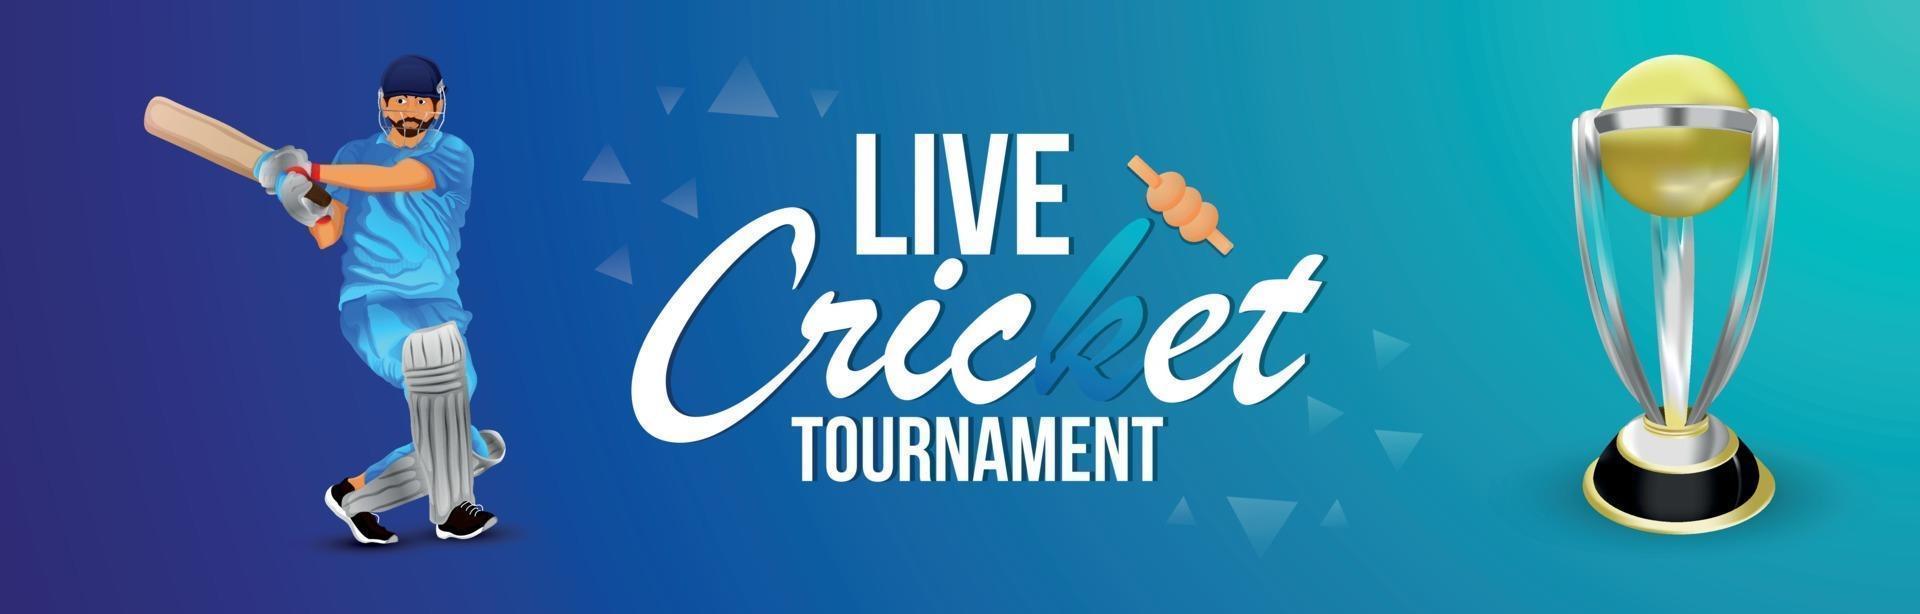 Cricket-Turnier-Match-Banner mit Stadionhintergrund vektor